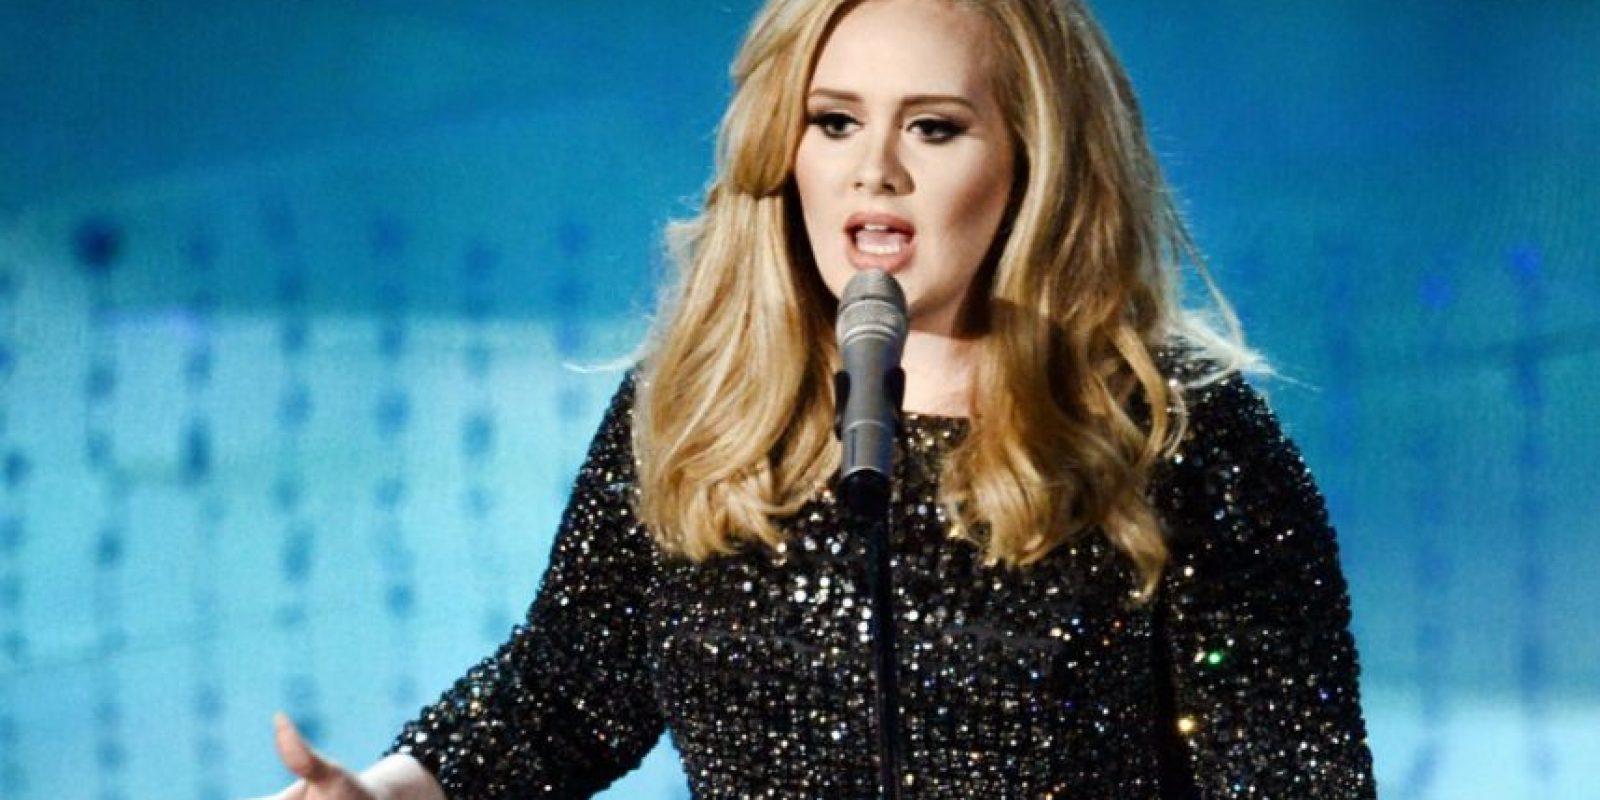 Las canciones de Adele podrían no publicarse en Spotify. Foto:Getty Images